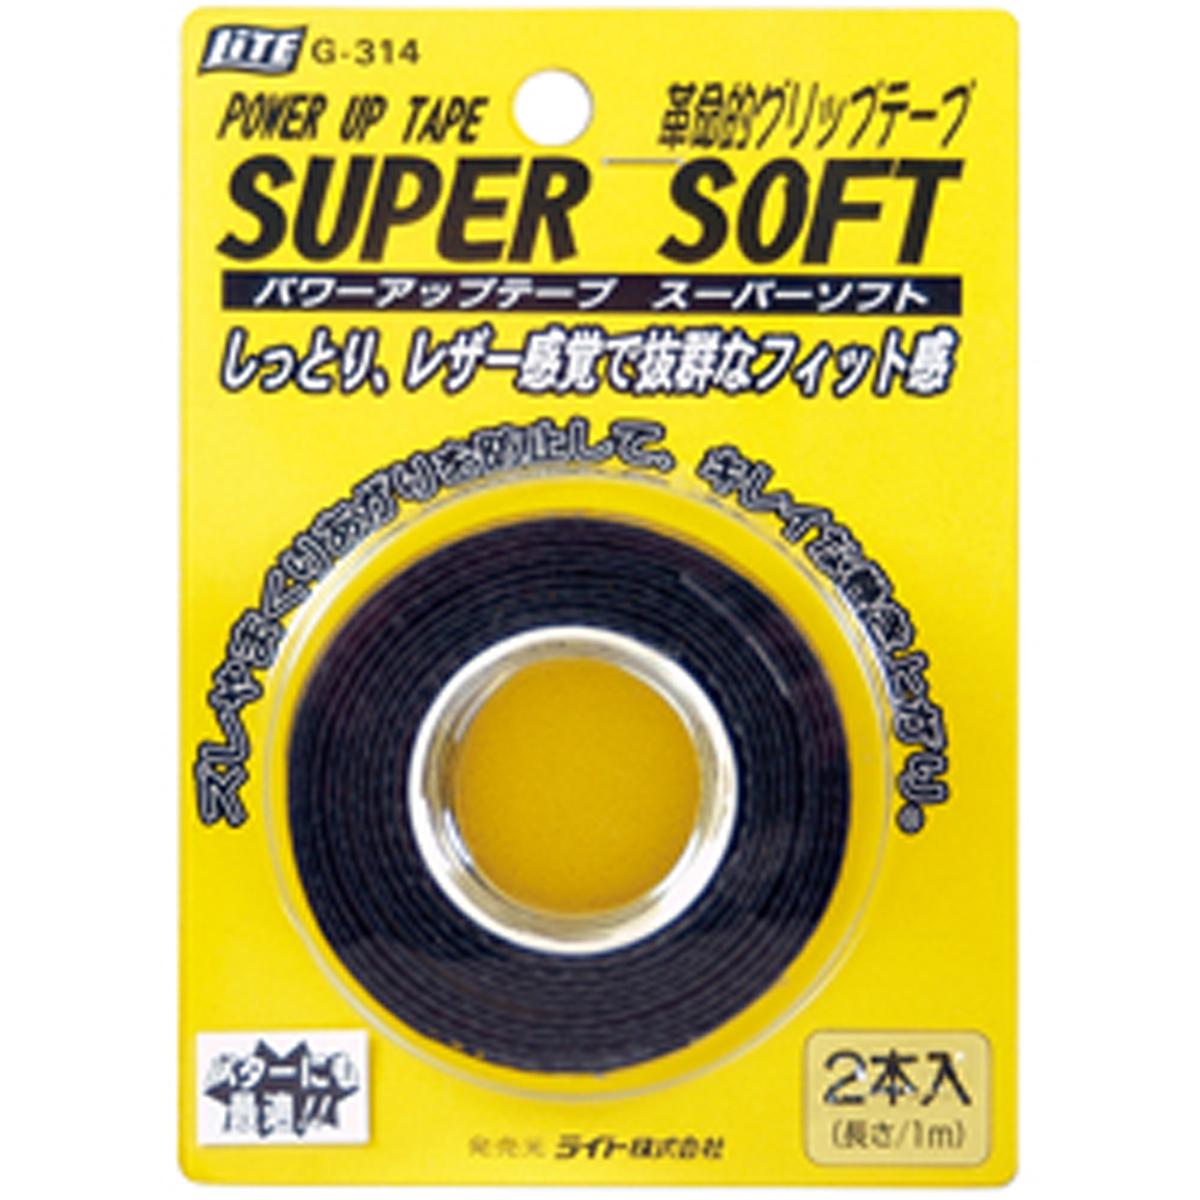 パワーアップテープスーパーソフト